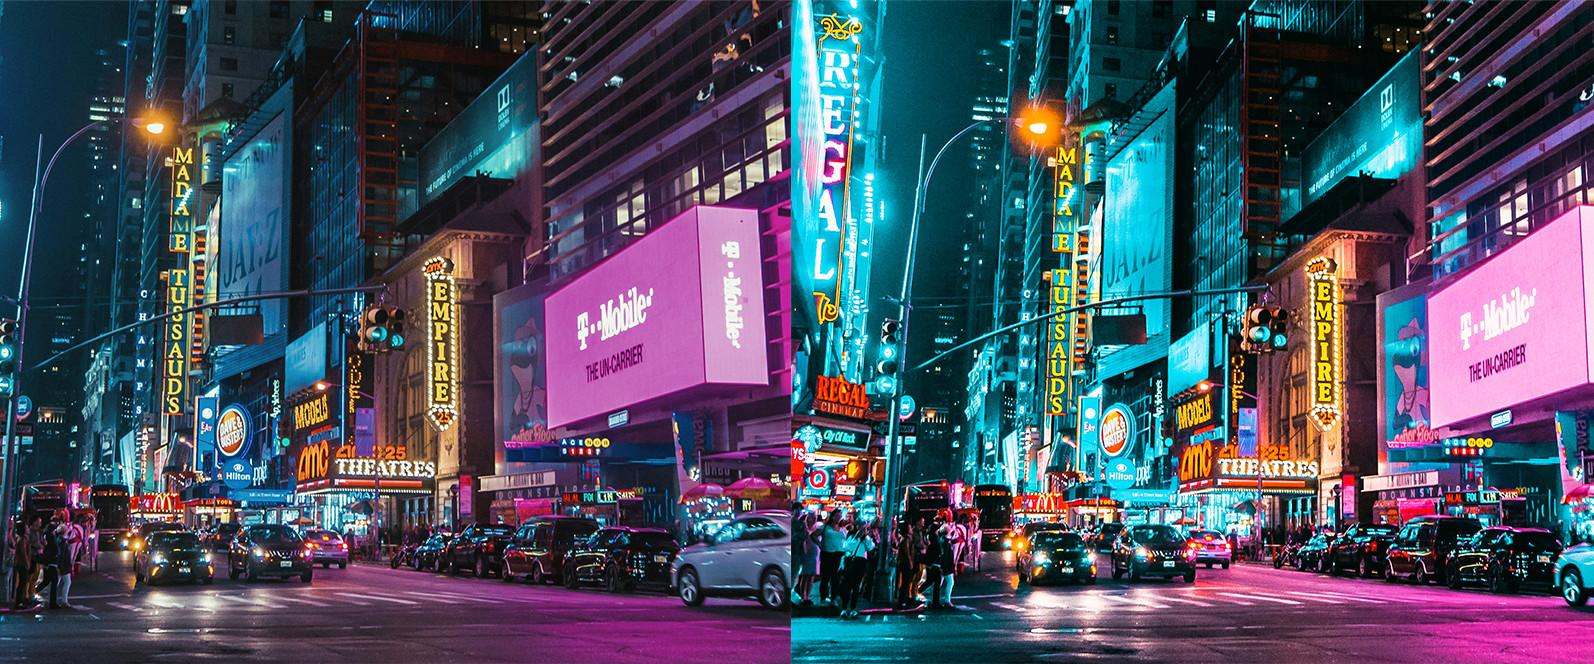 BUNDLE /// 281 x Lightroom Presets for Desktop // 24 Packs // Desktop and Mobile - 12 Neon City 1 -